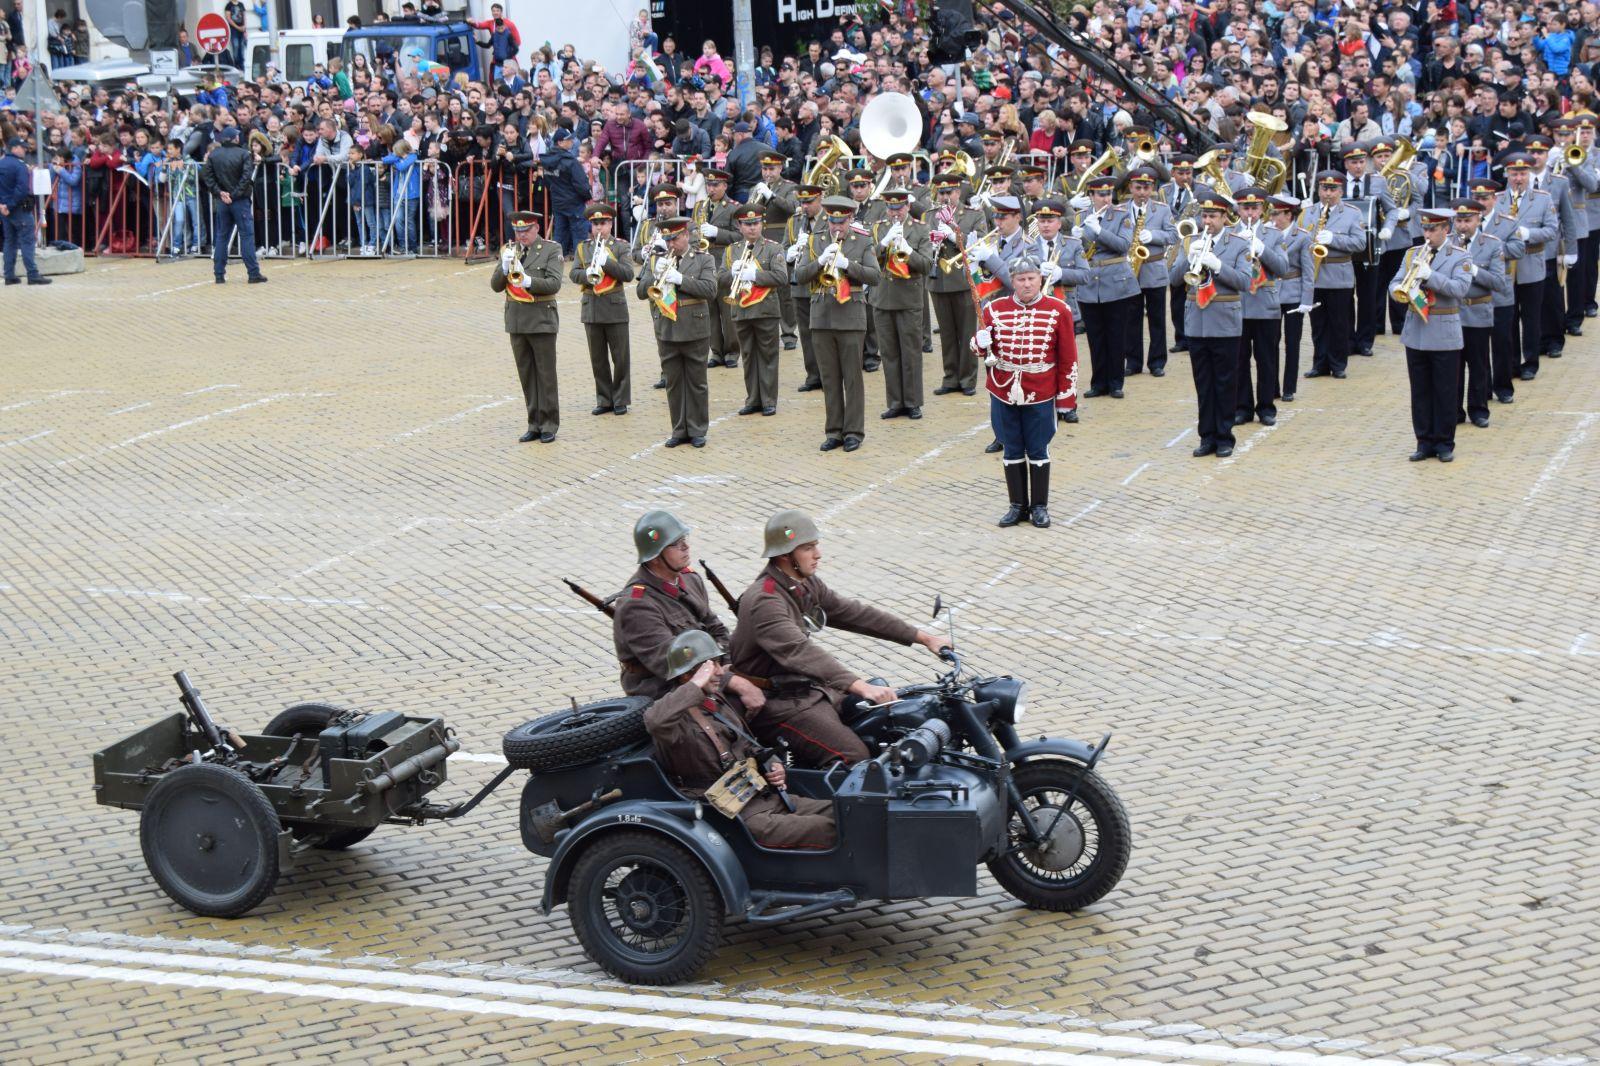 Парадът за 6 май 2019 г. - мащабен, с техника и авиация Част 3 Техниката от Втората световна война (ЕКСКЛУЗИВНА РЕТРО АВТО ГАЛЕРИЯ)